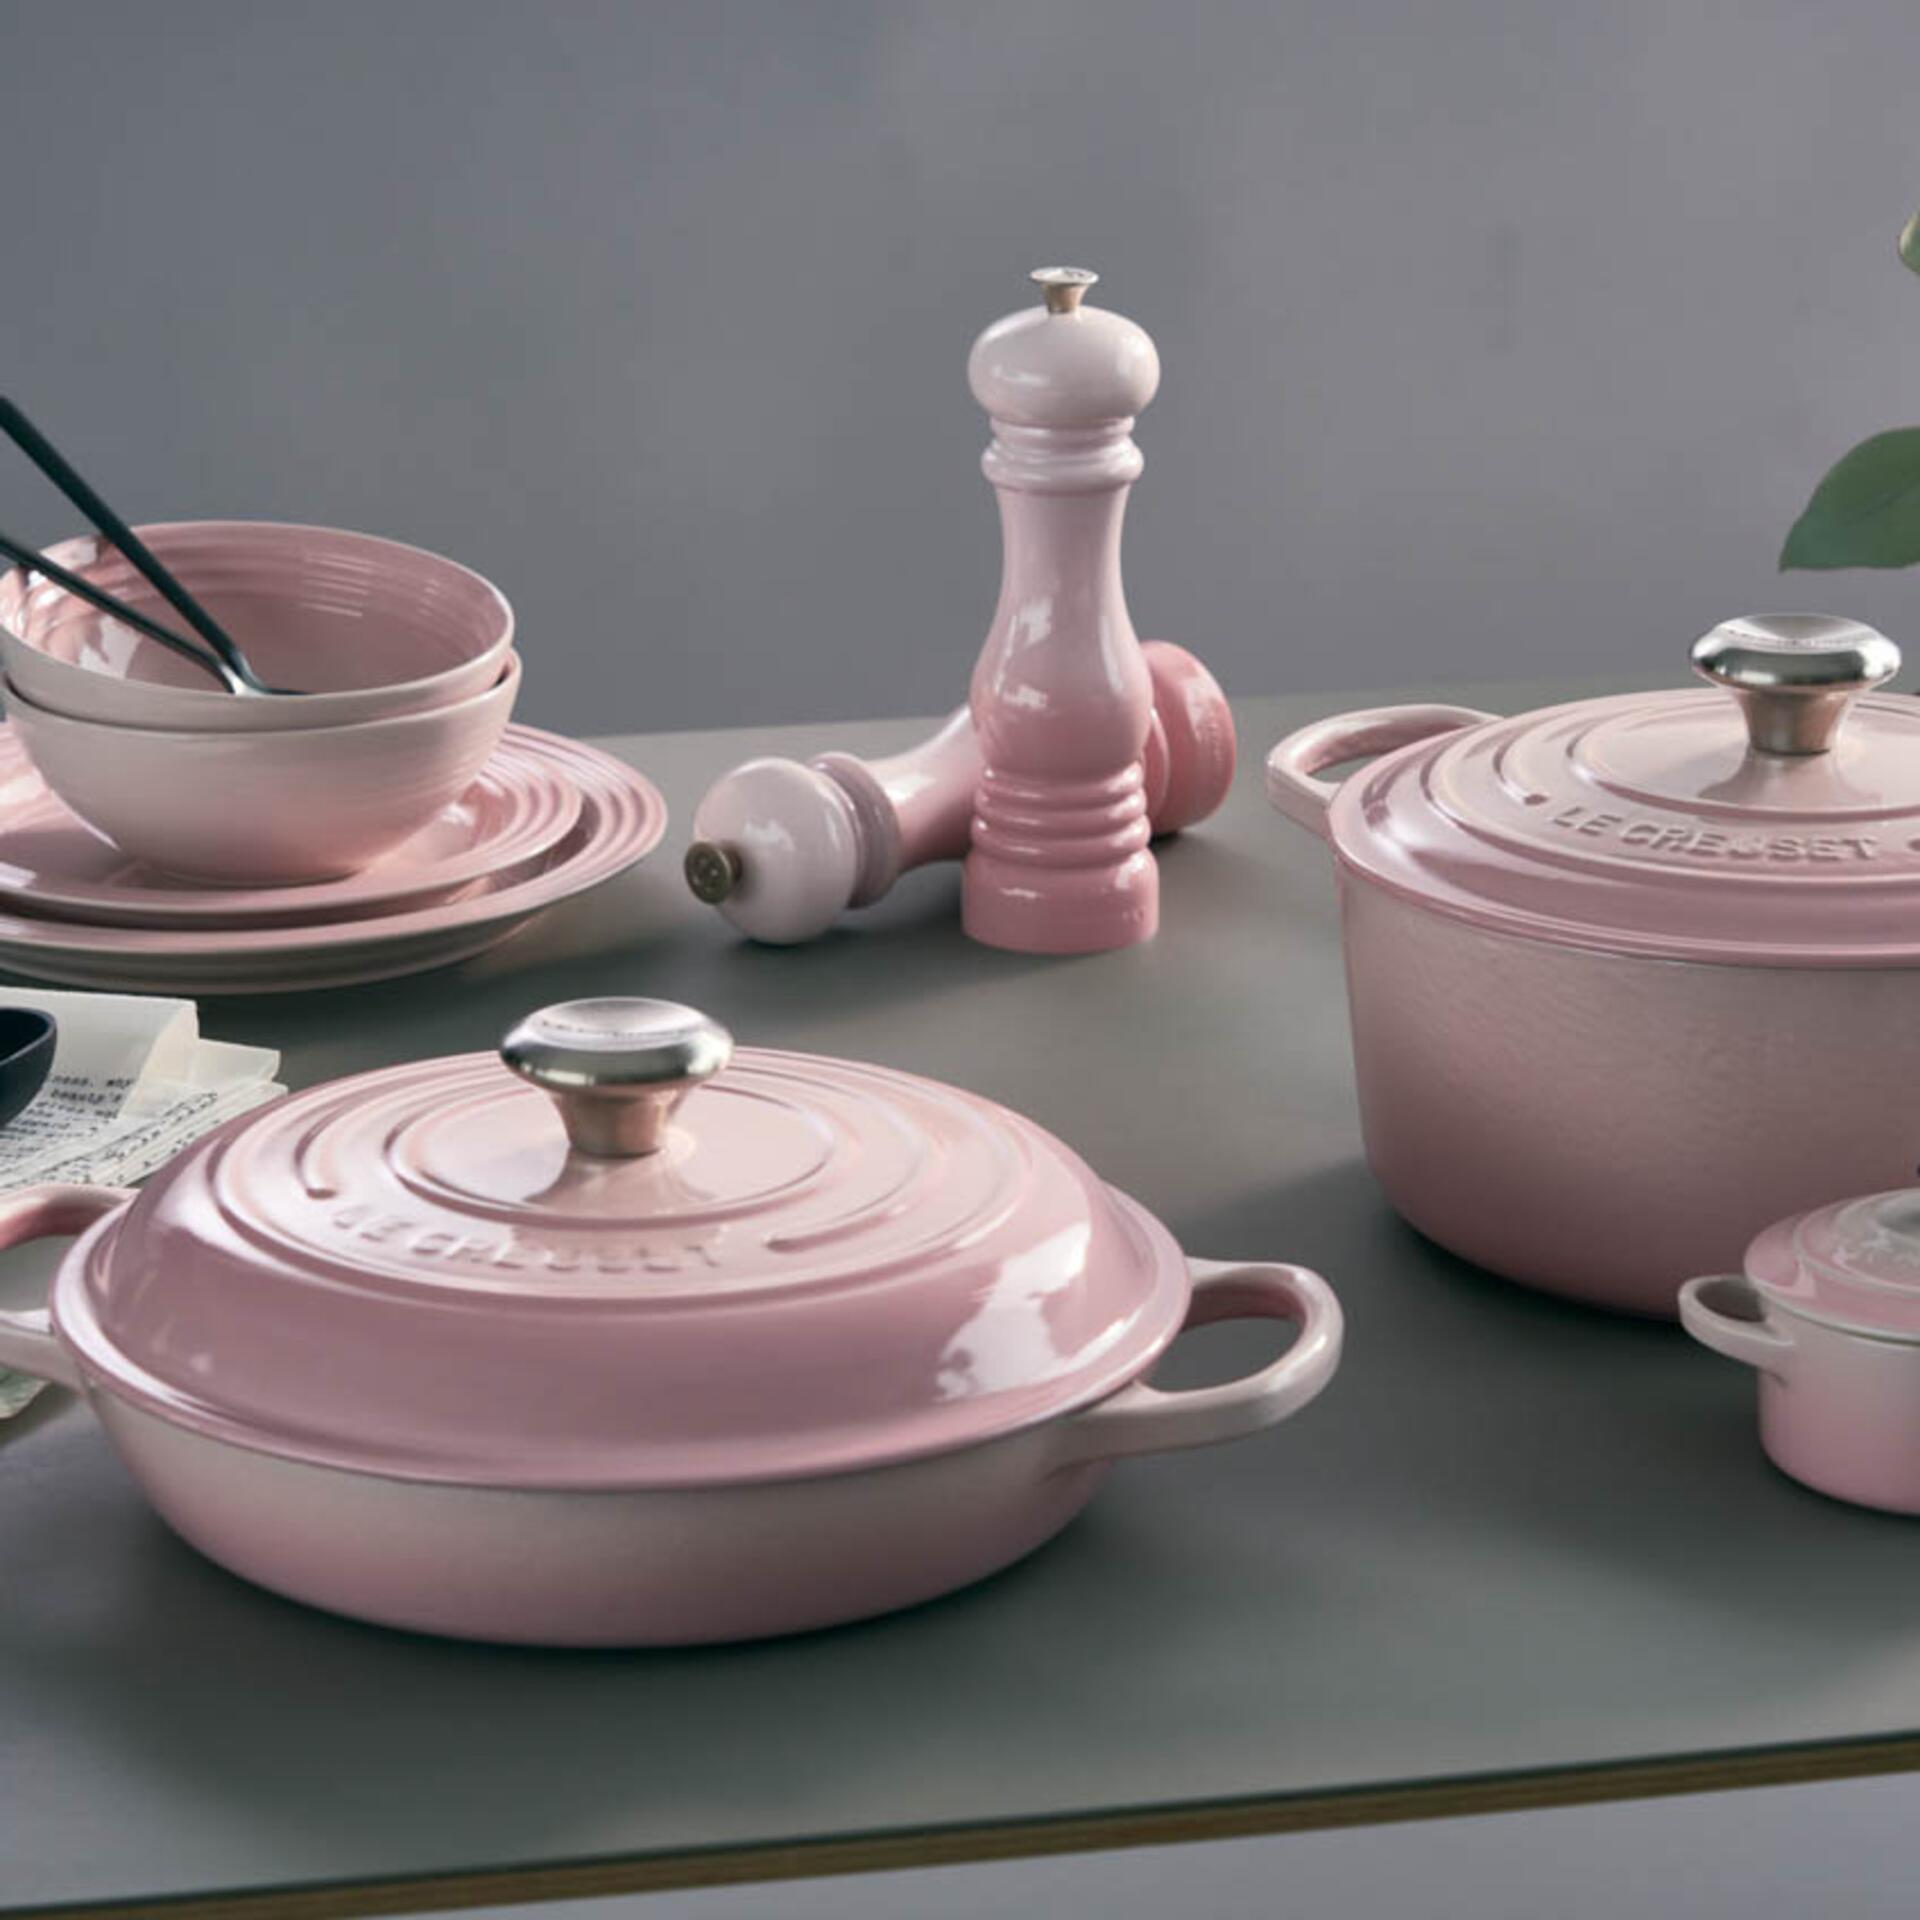 Le Creuset Wasserkessel Kone Shell Pink